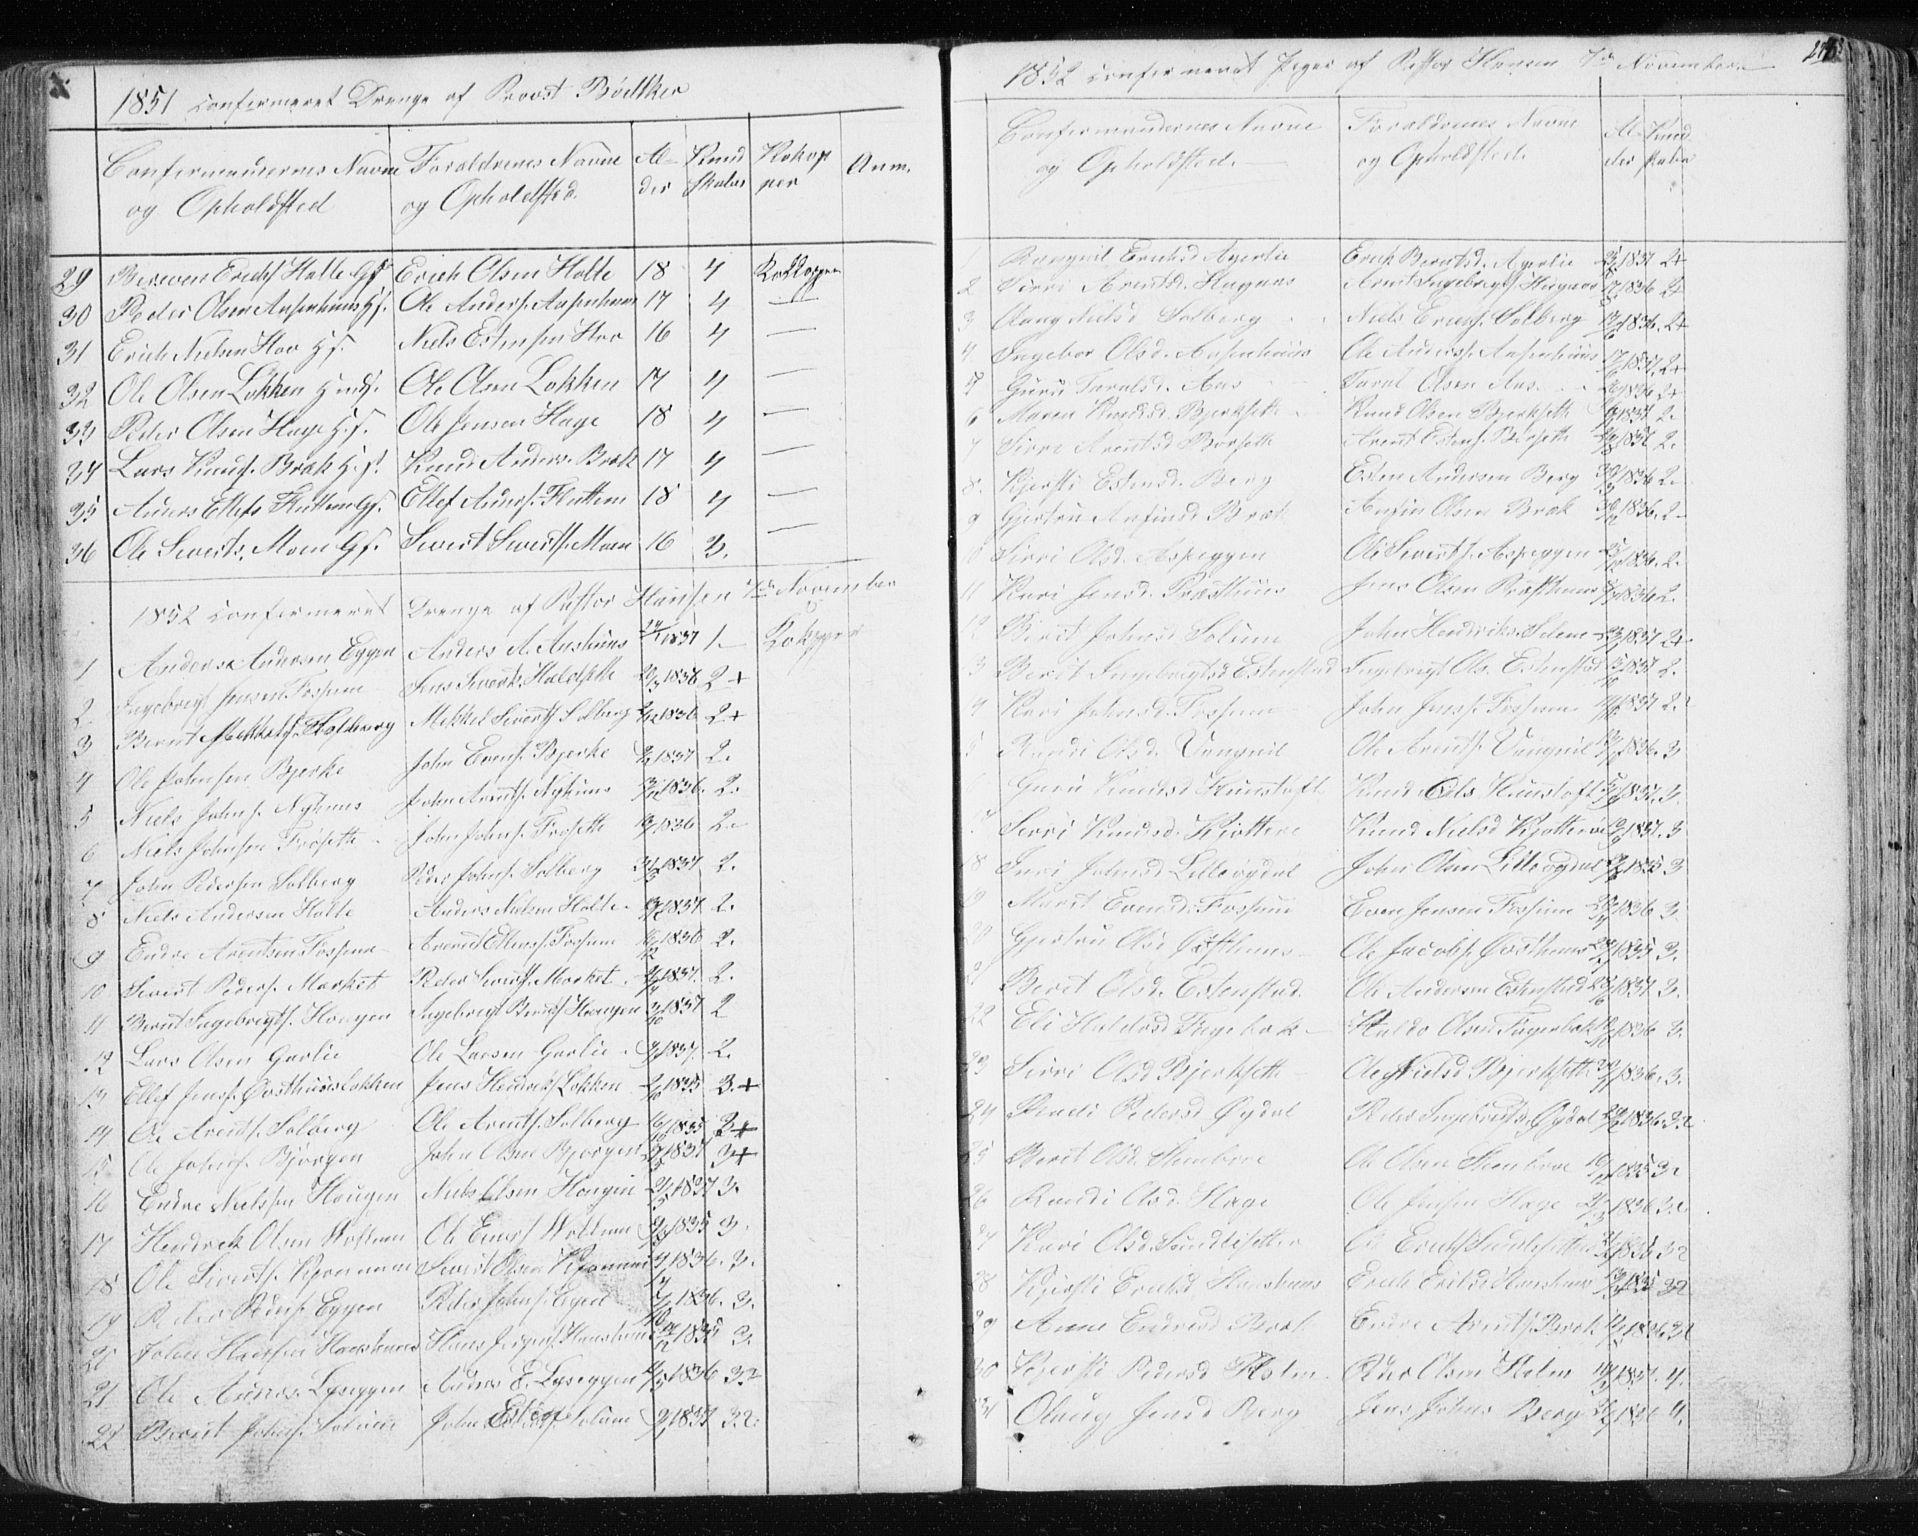 SAT, Ministerialprotokoller, klokkerbøker og fødselsregistre - Sør-Trøndelag, 689/L1043: Klokkerbok nr. 689C02, 1816-1892, s. 273